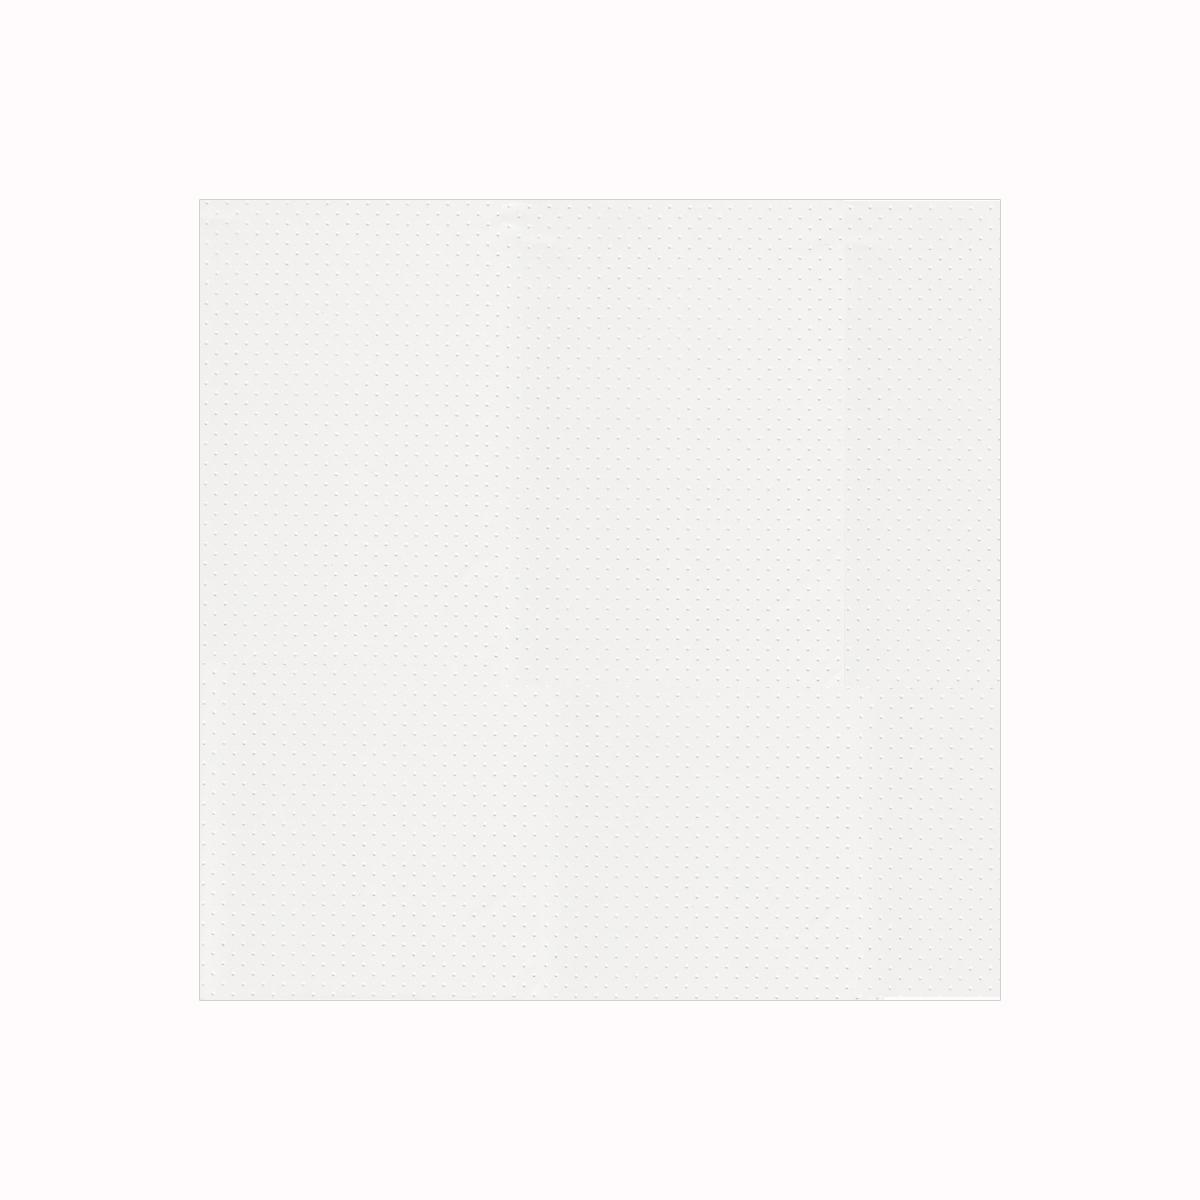 Бумага рельефная Лоза Точки, цвет: белый, 3 листа498137_1 белыйРельефная бумага для скрапбукинга Лоза Точки позволит создать красивый альбом, фоторамку или открытку ручной работы, оформить подарок или аппликацию. Набор включает в себя 3 листа из плотной бумаги.Скрапбукинг - это хобби, которое способно приносить массу приятных эмоций не только человеку, который этим занимается, но и его близким, друзьям, родным. Это невероятно увлекательное занятие, которое поможет вам сохранить наиболее памятные и яркие моменты вашей жизни, а также интересно оформить интерьер дома.